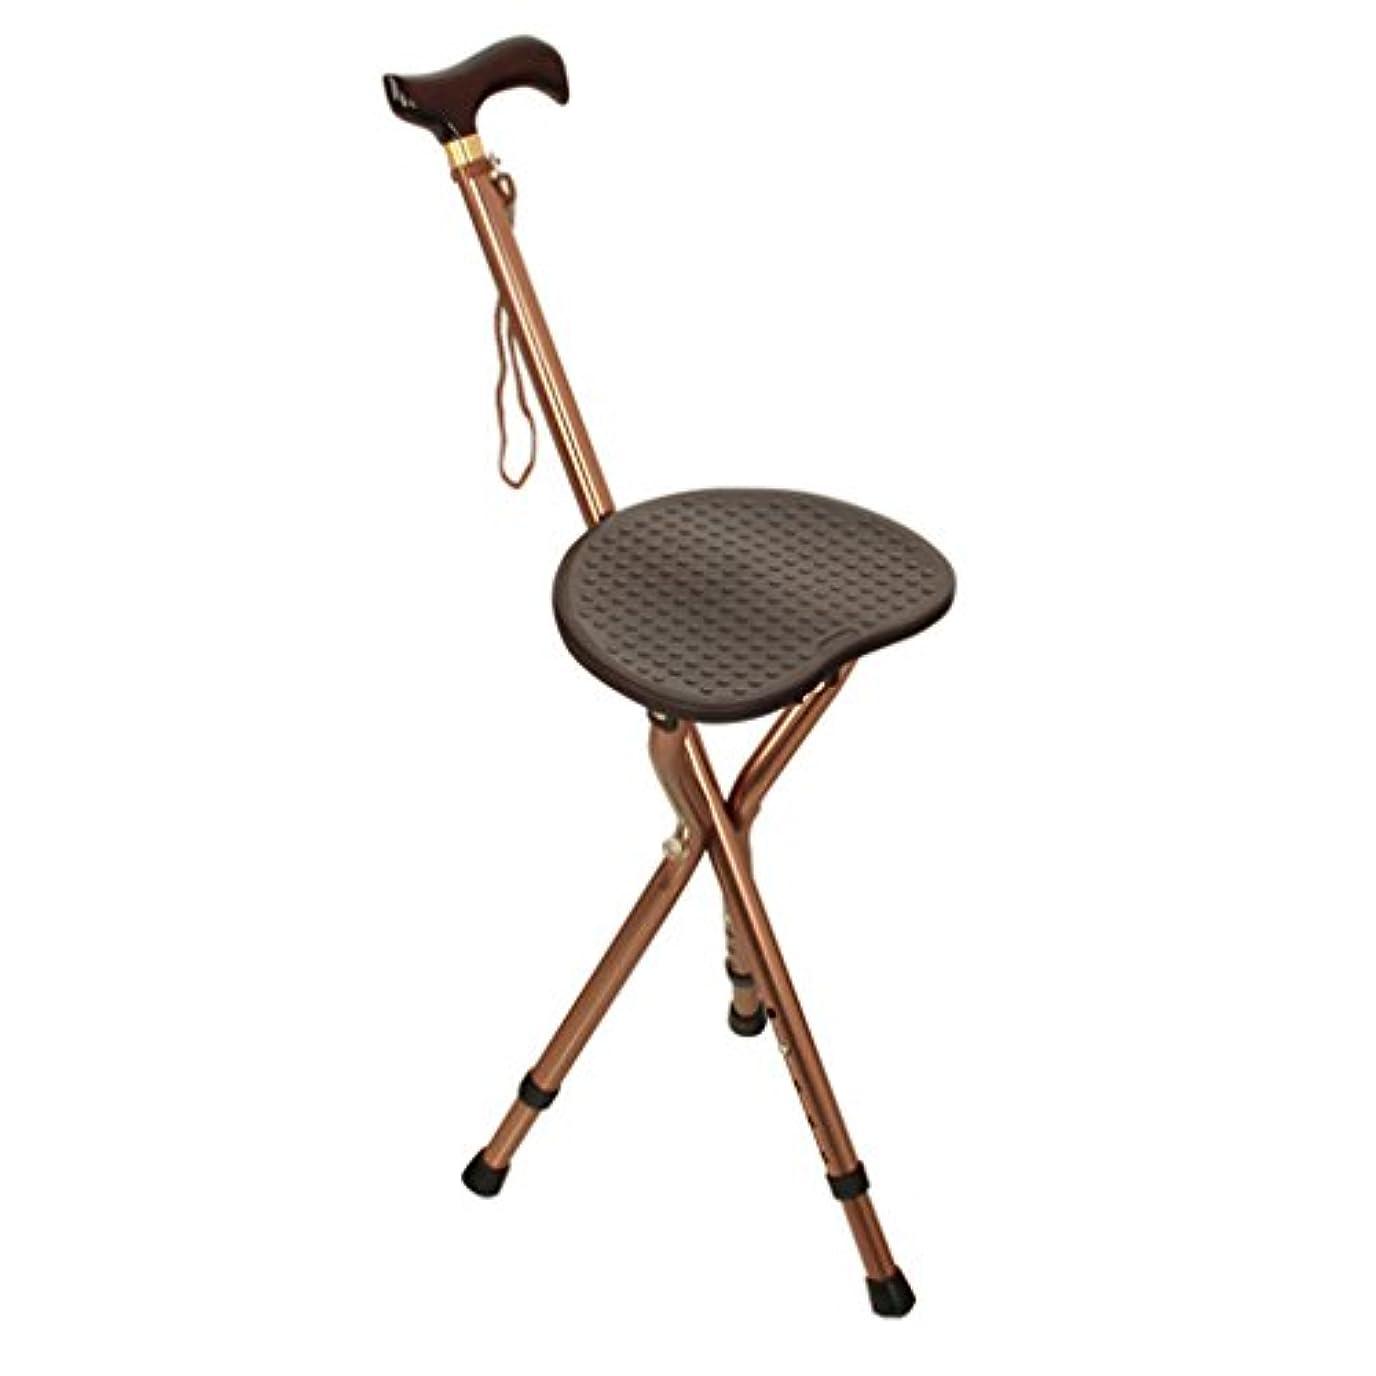 同様にマウントバンク食用厚いアルミニウム合金の杖スツール収納式老人杖木製ハンドルスティック